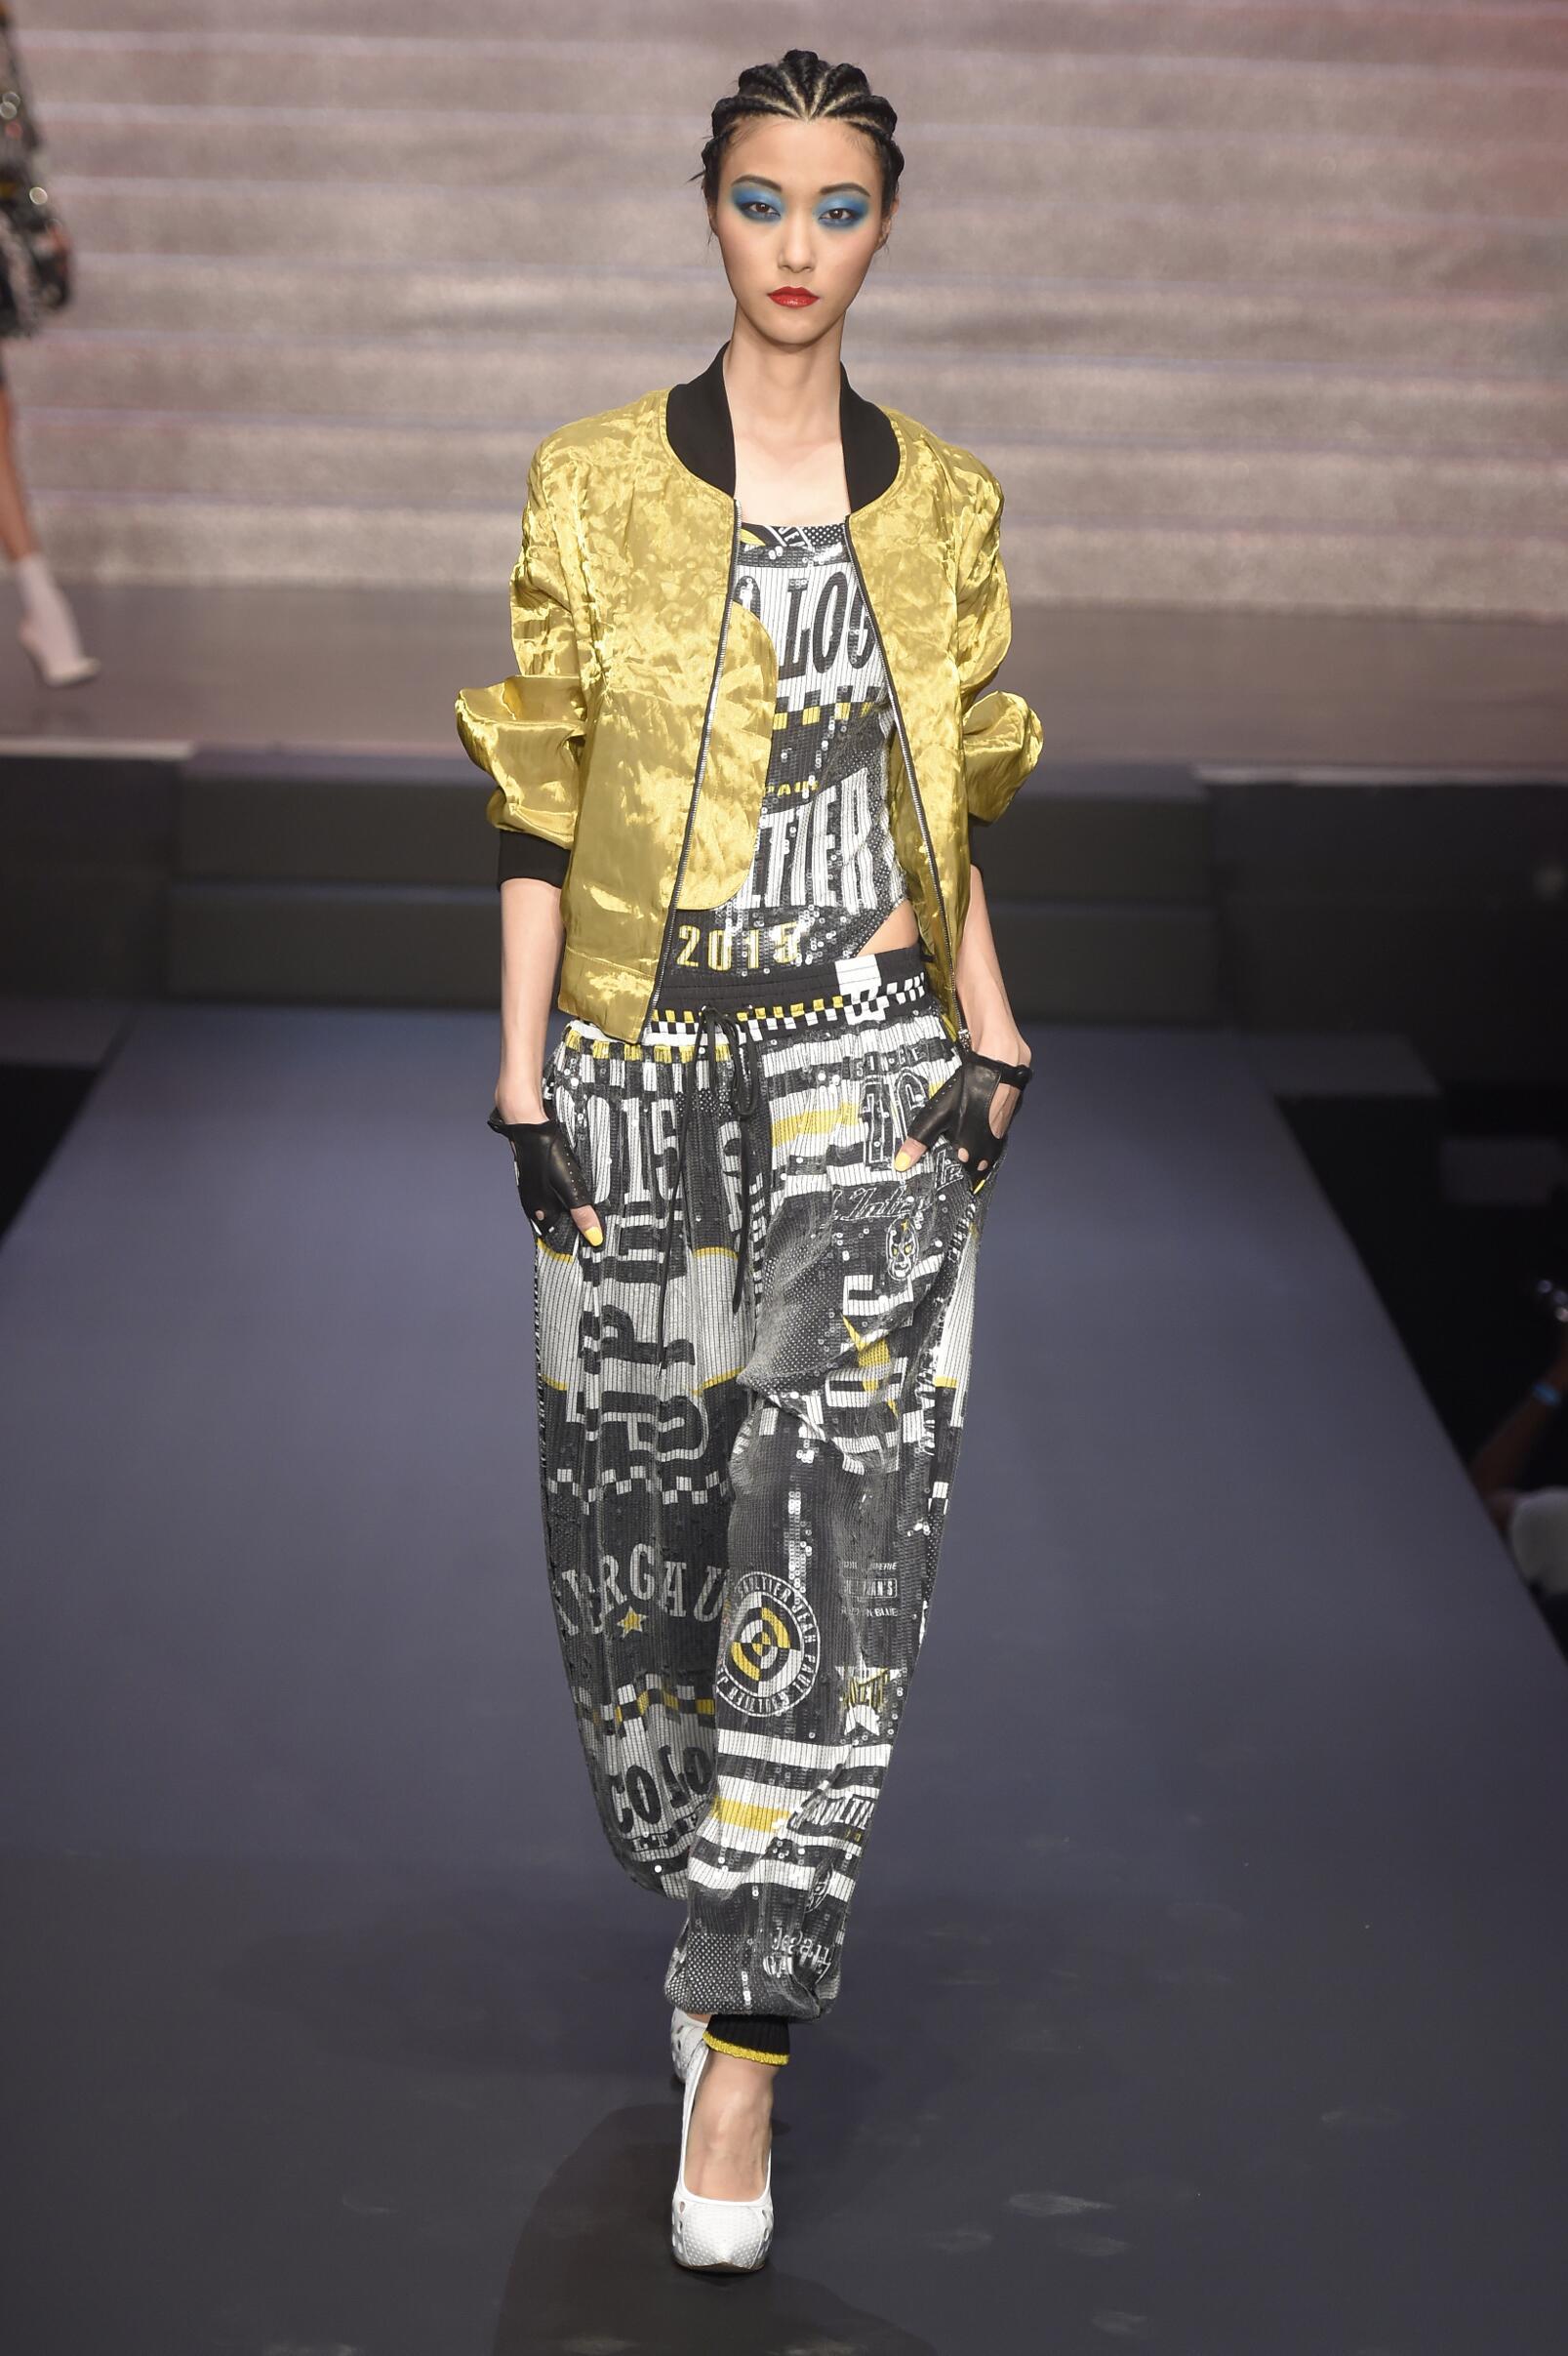 Jean Paul Gaultier Woman Style